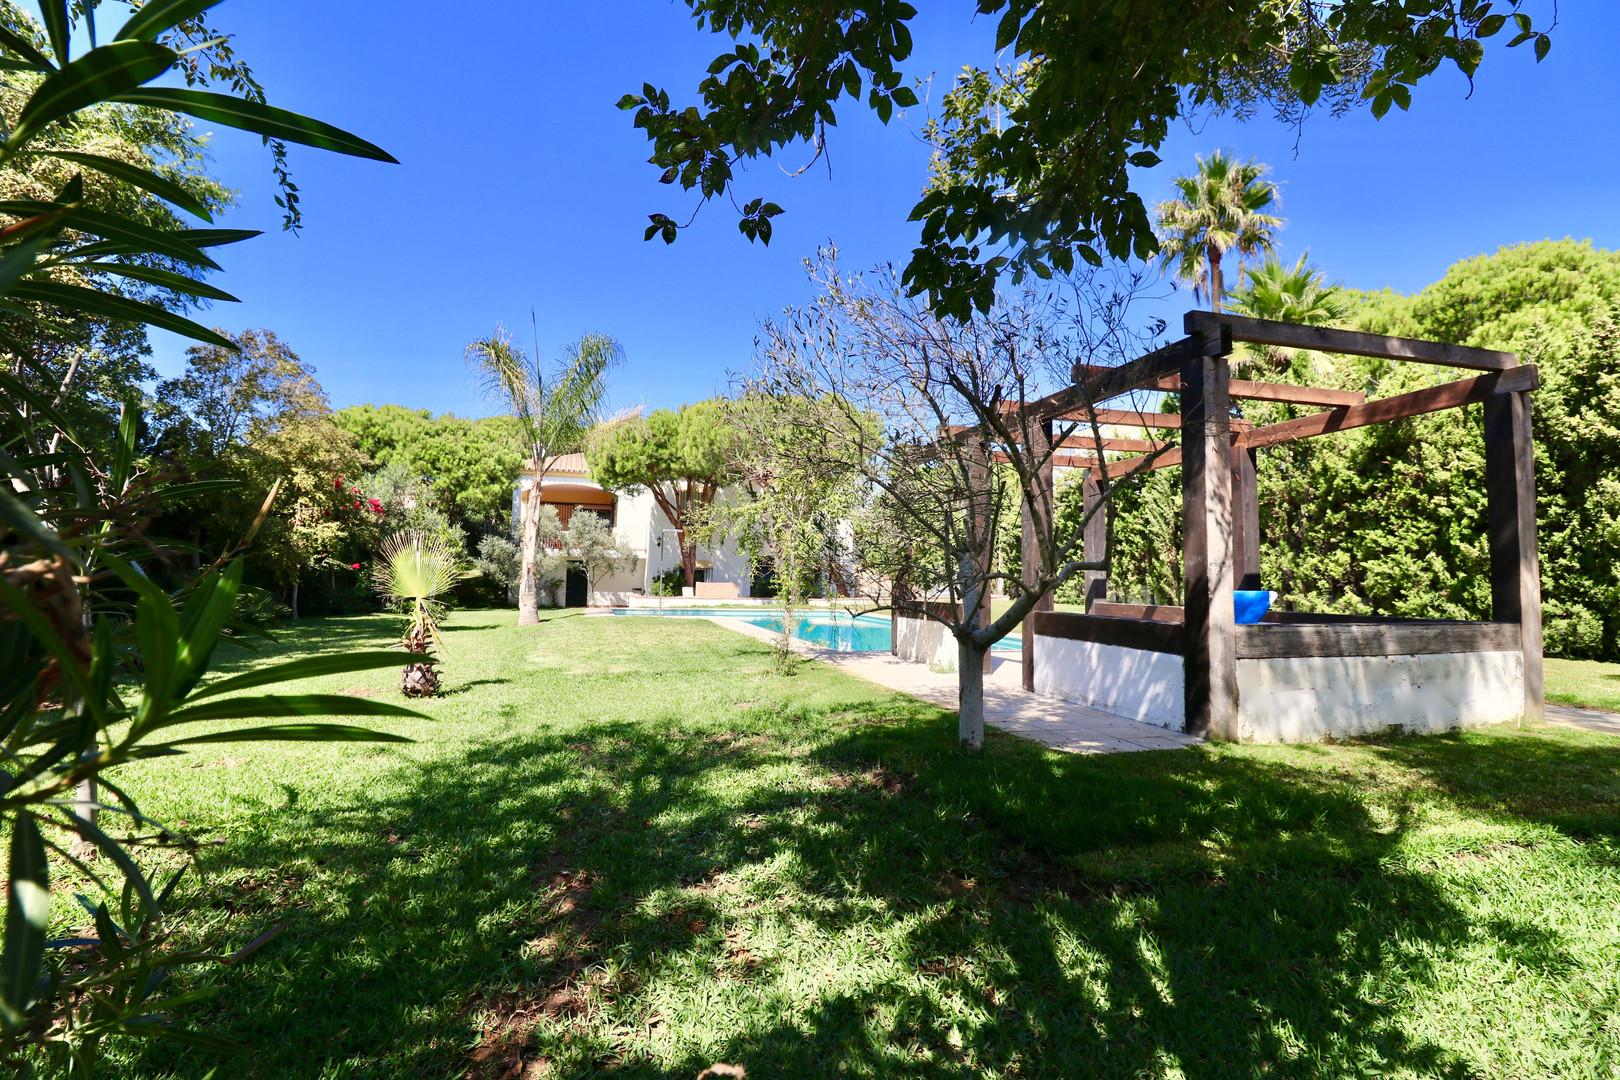 Gartengrundstück mit Pool